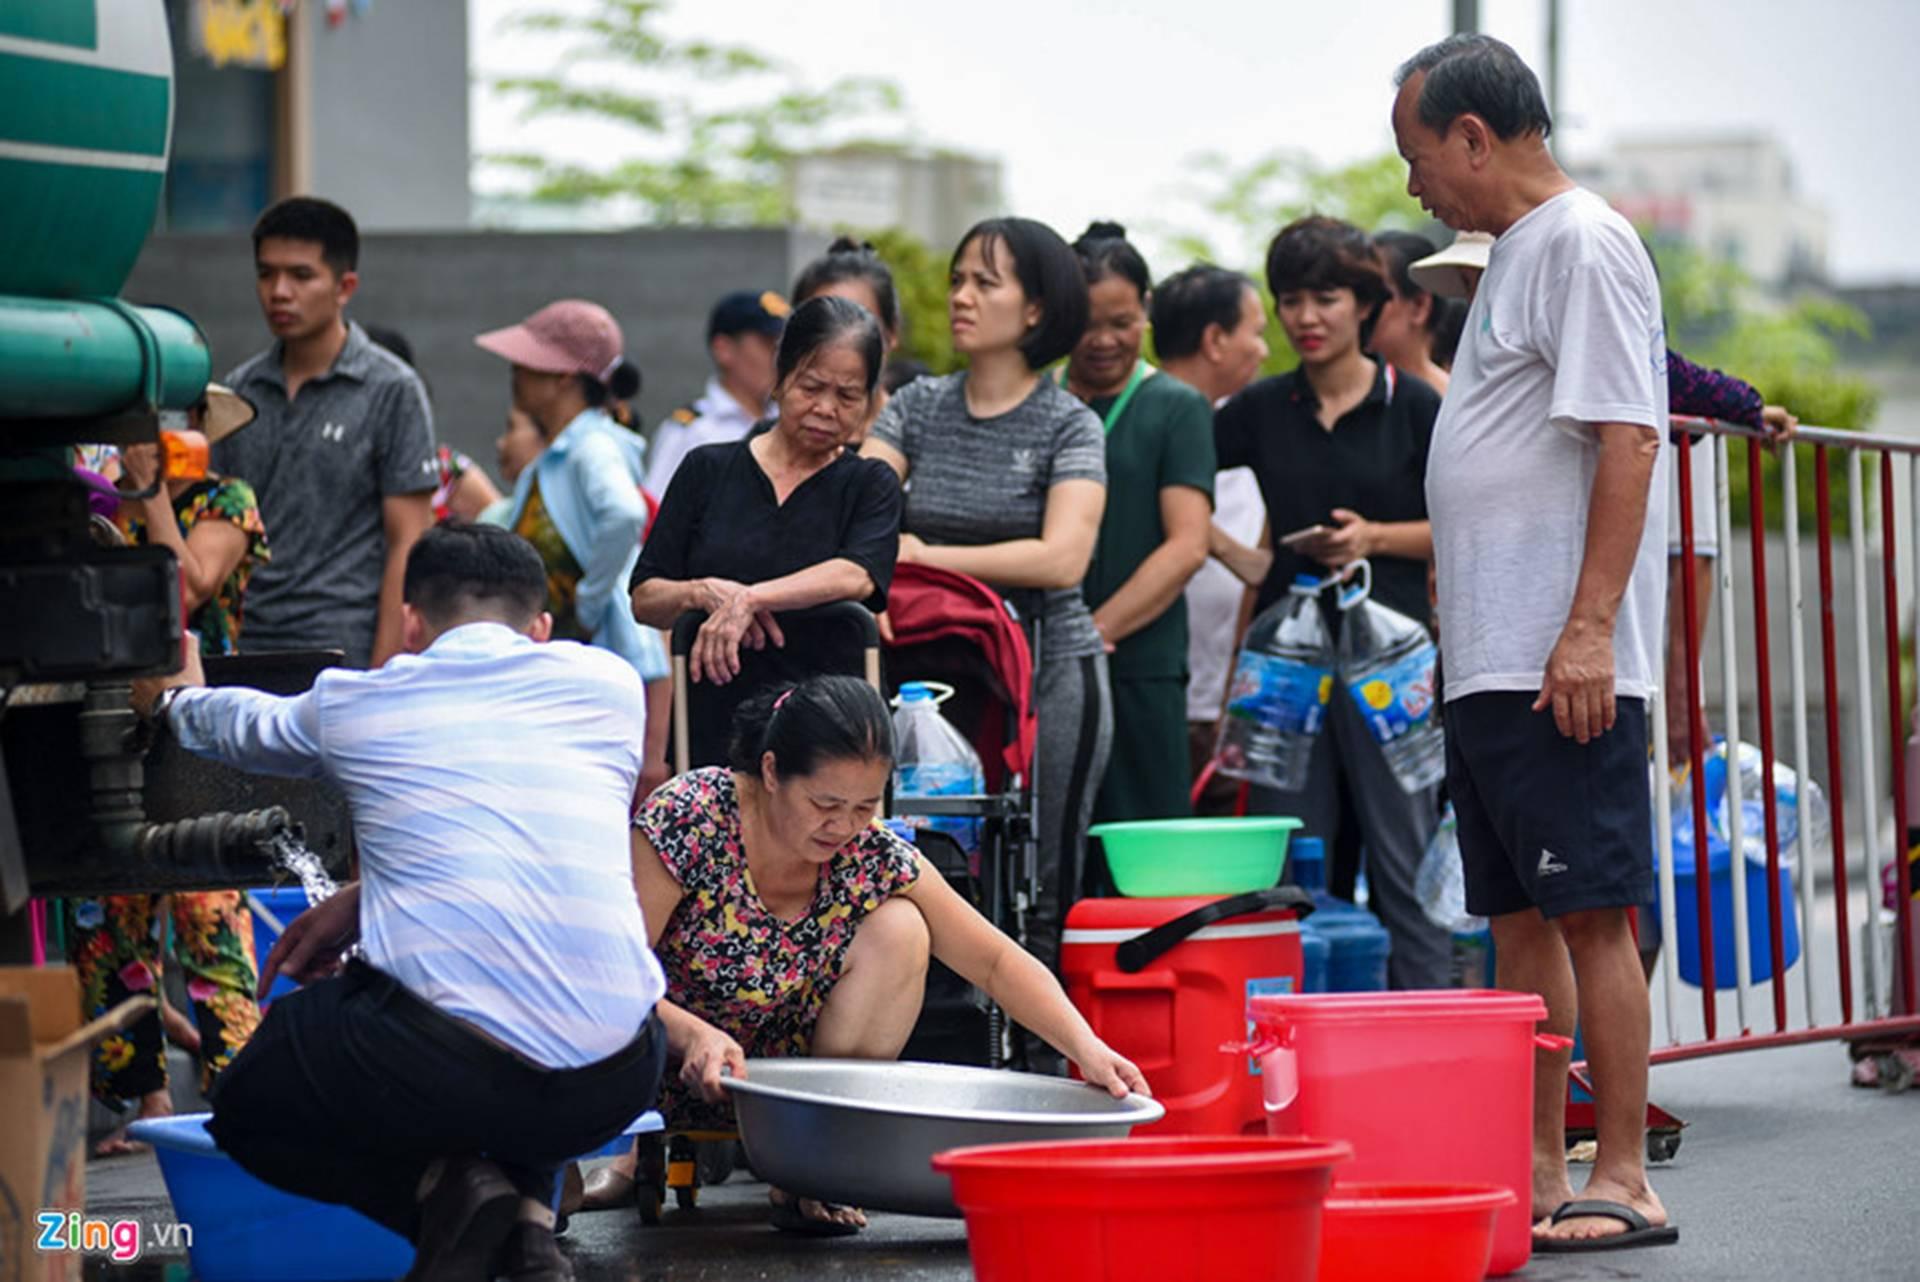 Cuộc sống người Hà Nội đảo lộn trong cơn khủng hoảng nước-16